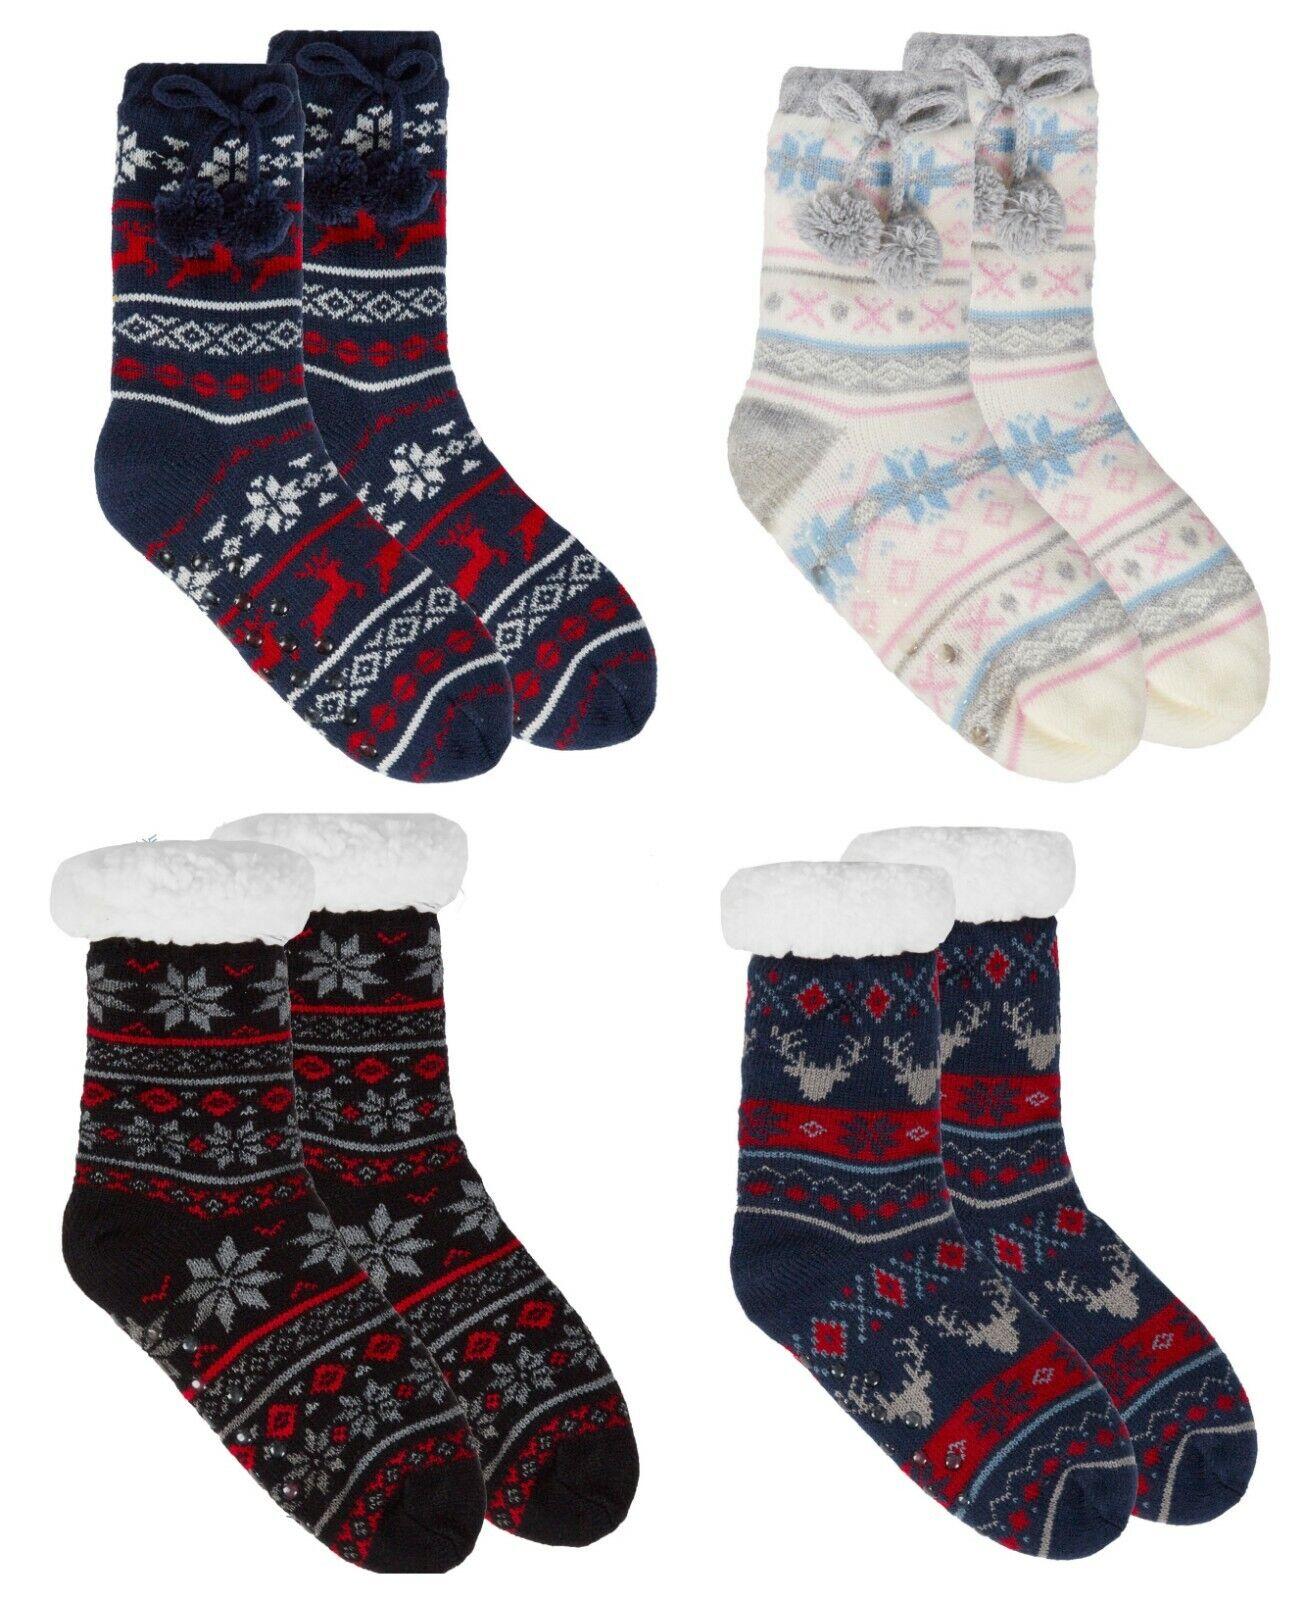 Kids Boys Girls Knitted Slipper Socks Fleece Lined No Slip S